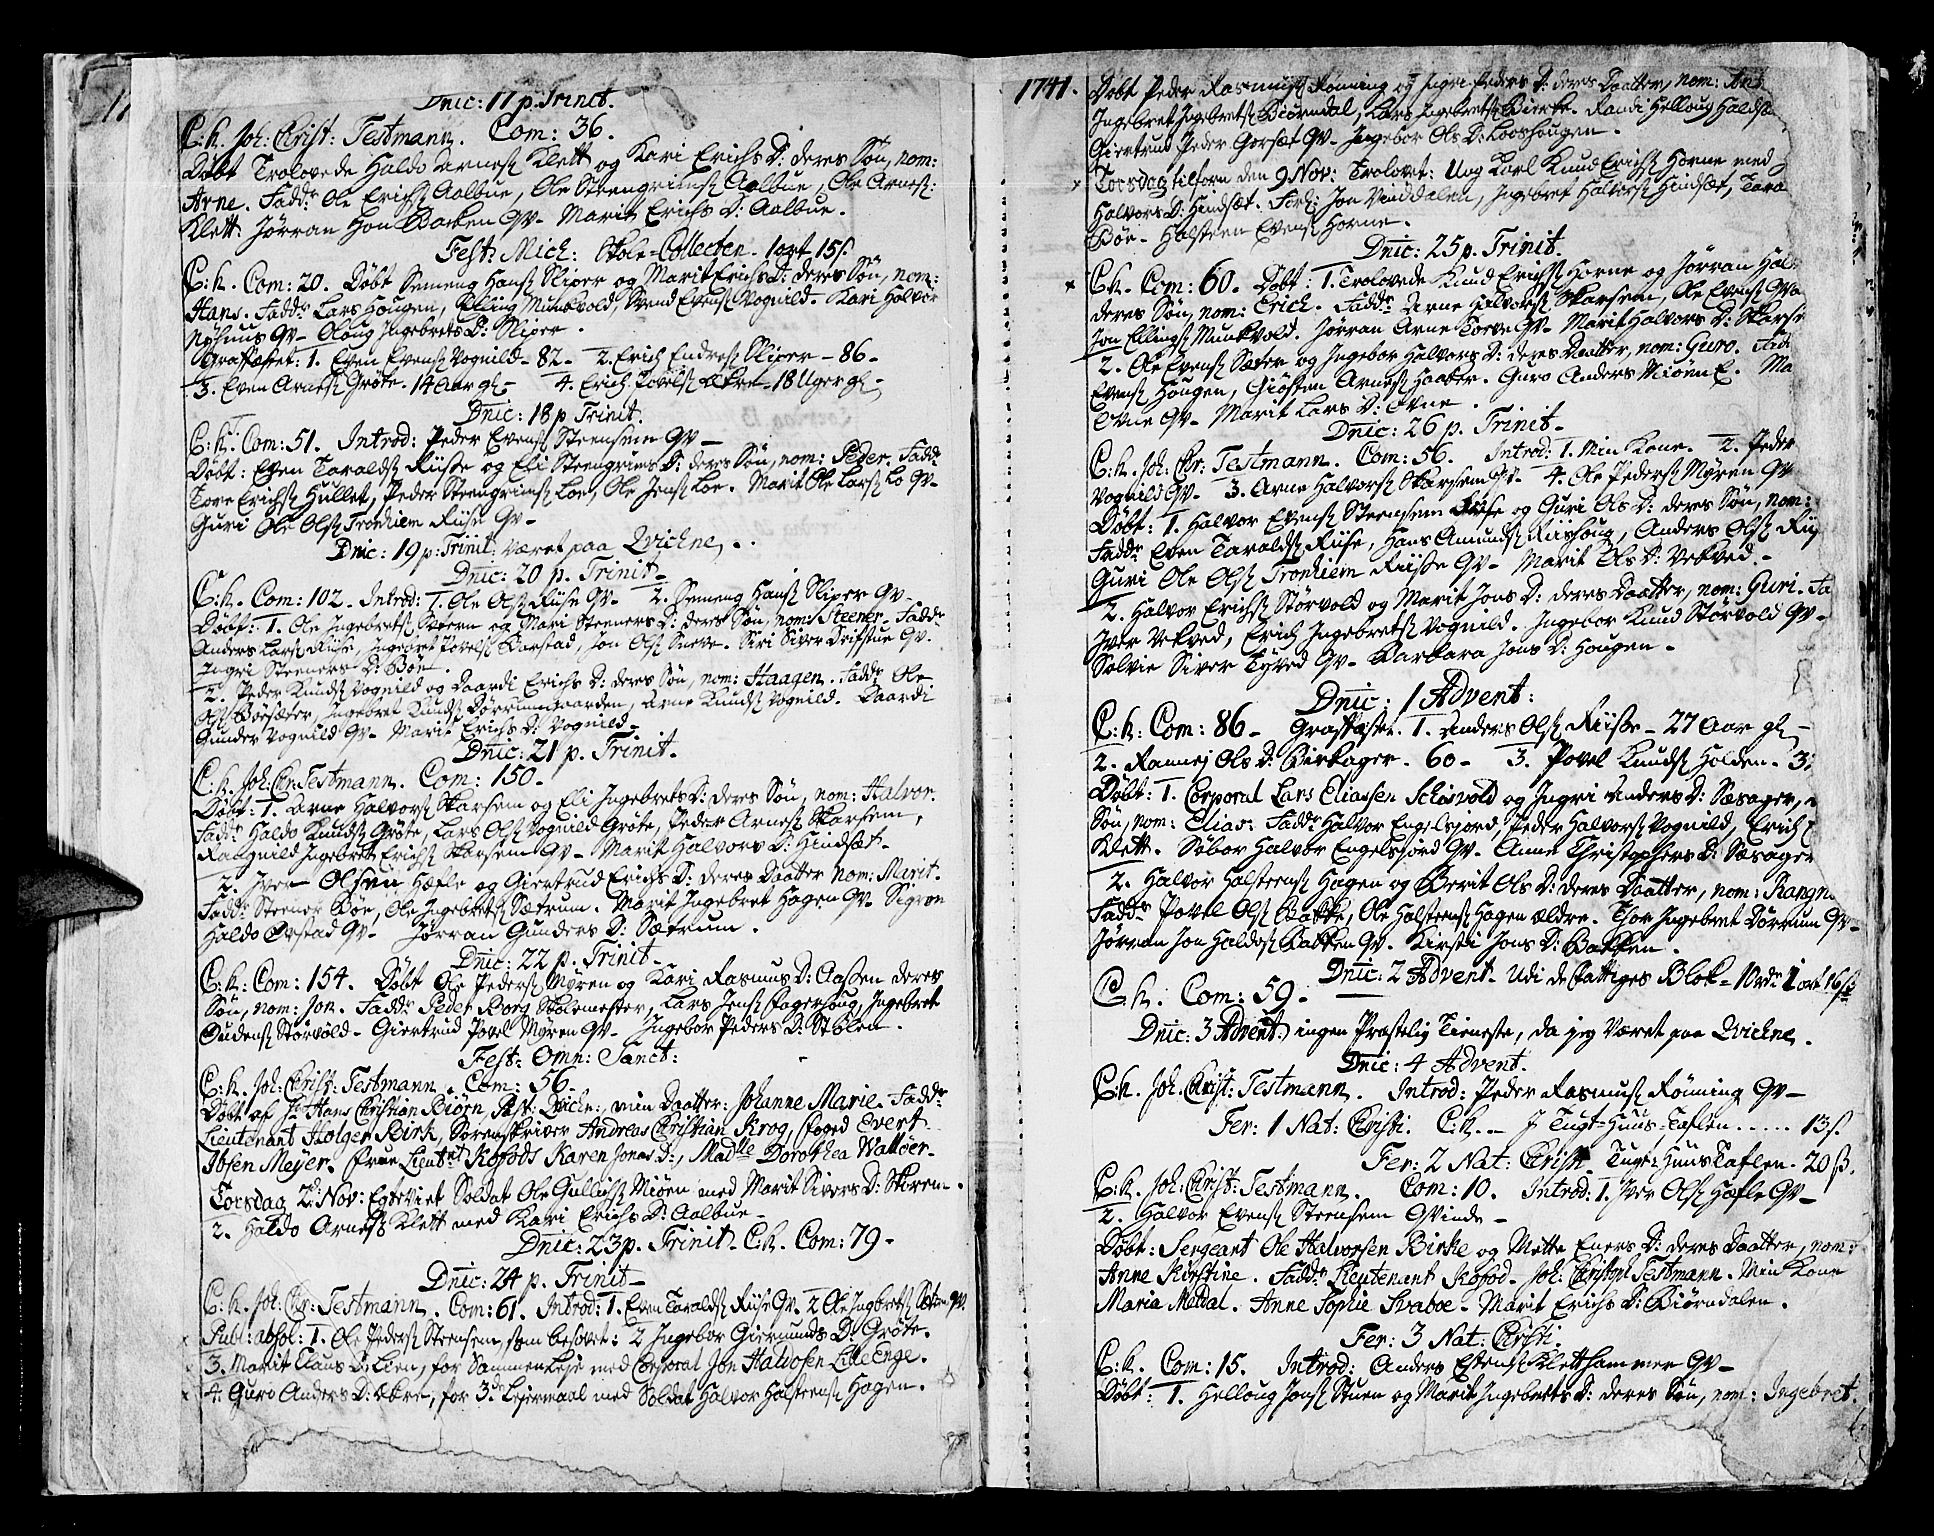 SAT, Ministerialprotokoller, klokkerbøker og fødselsregistre - Sør-Trøndelag, 678/L0891: Ministerialbok nr. 678A01, 1739-1780, s. 13